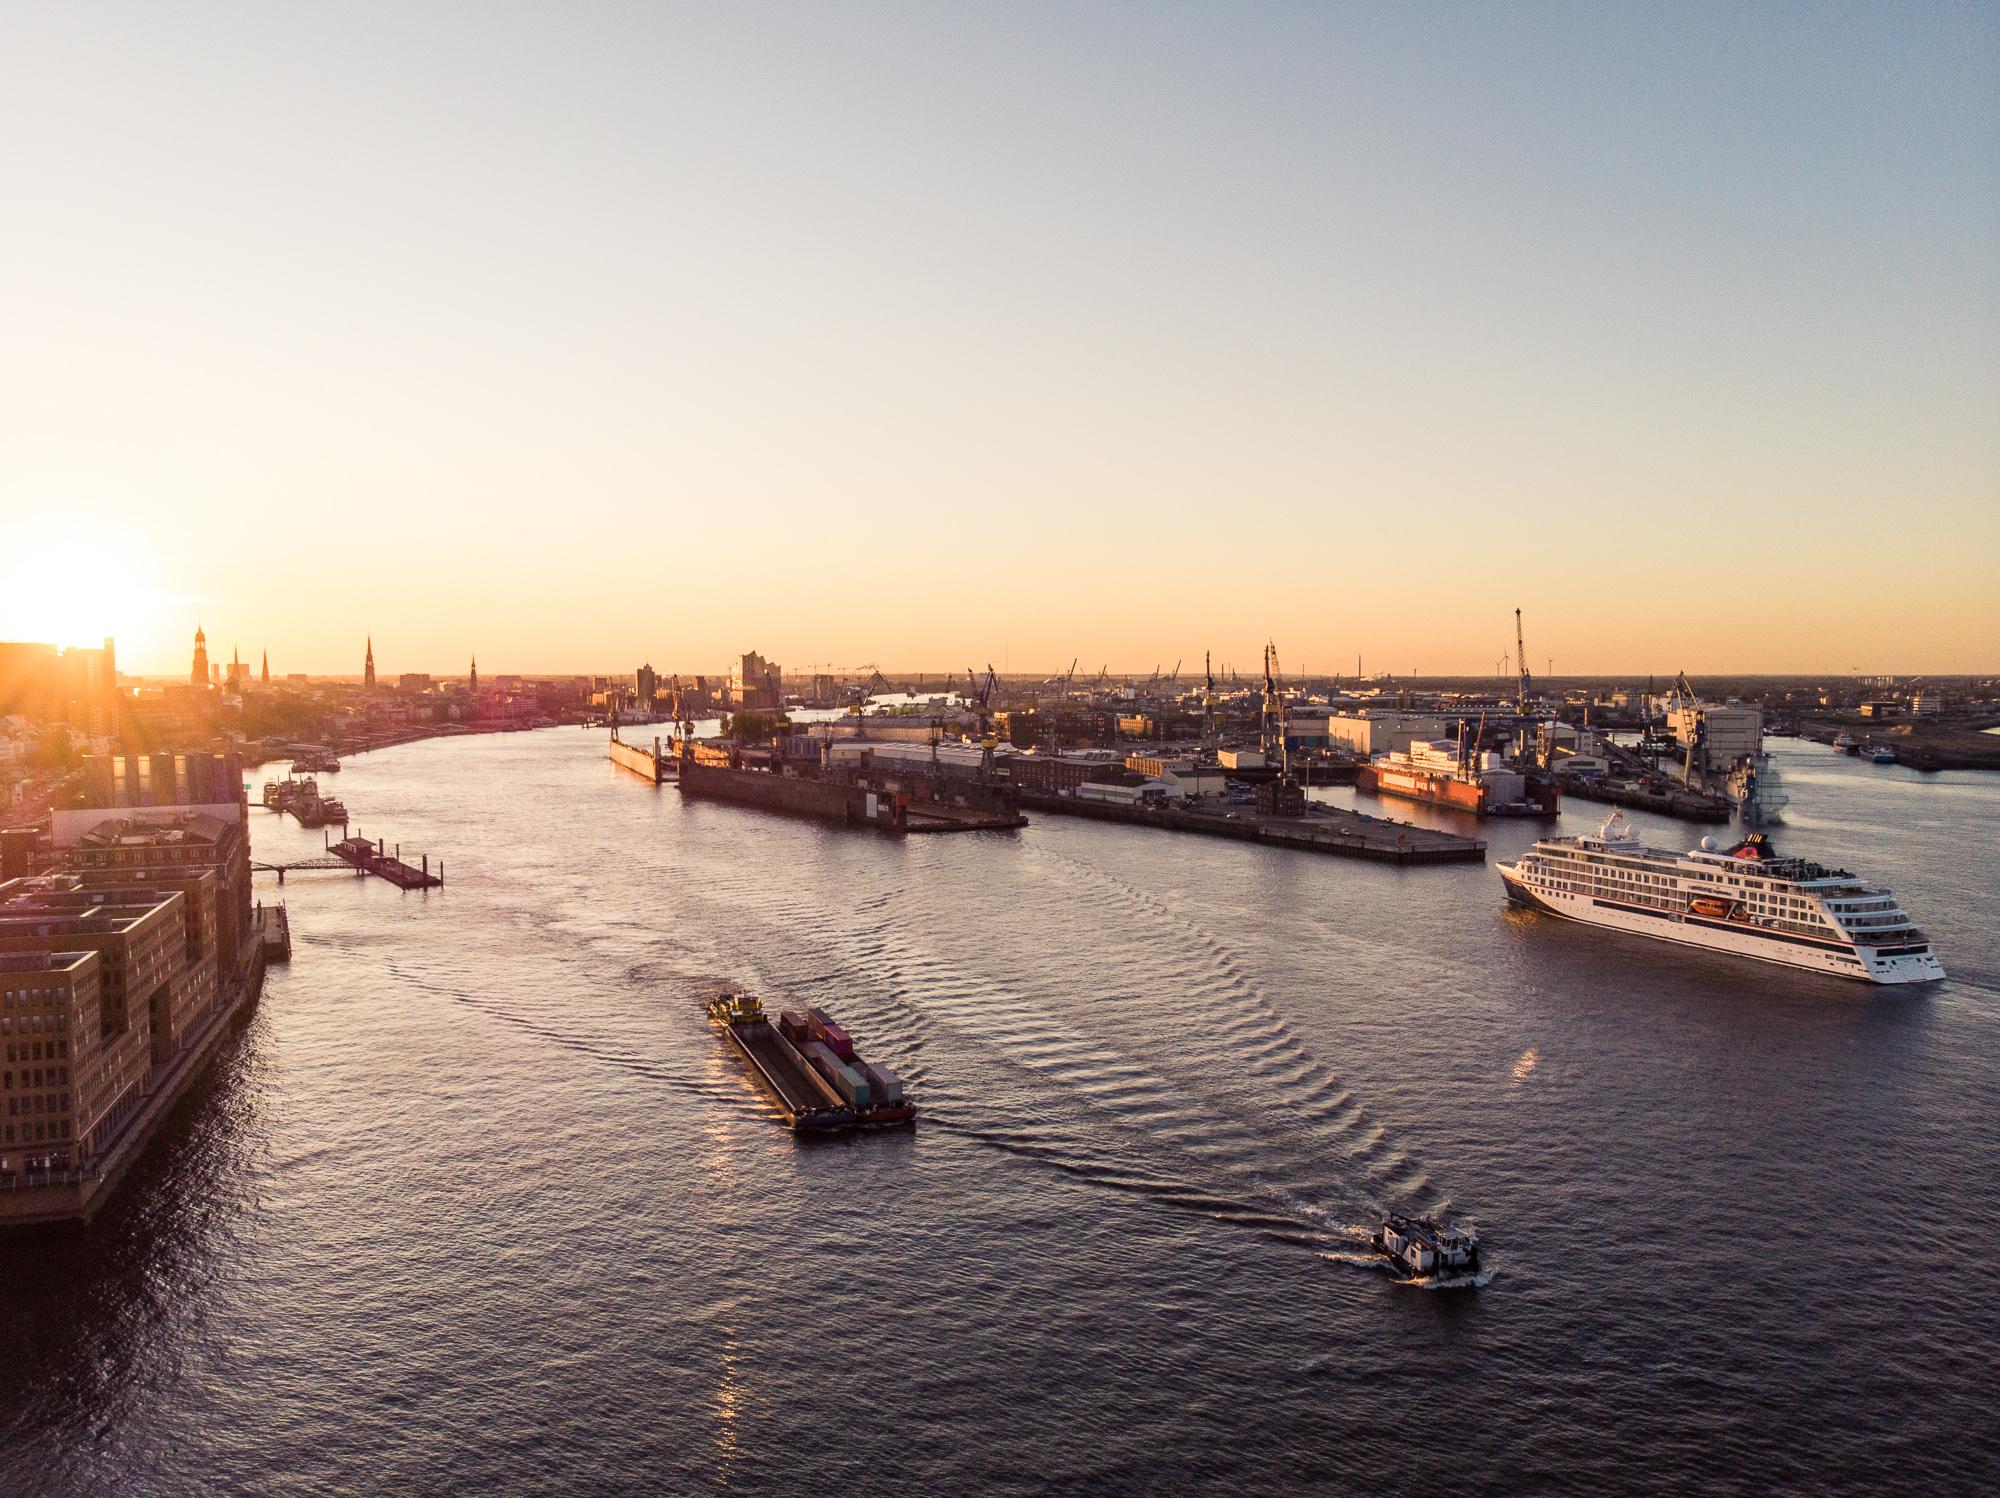 Die HANSEATIC nature, das Expeditionsschiff der neuen Generation von Hapag-Lloyd Cruises, ist im Hamburger Hafen angekommen. Auch das Schwesterschiff HANSEATIC inspiration sowie die beiden Luxusschiffe EUROPA und EUROPA 2 kehren zurück